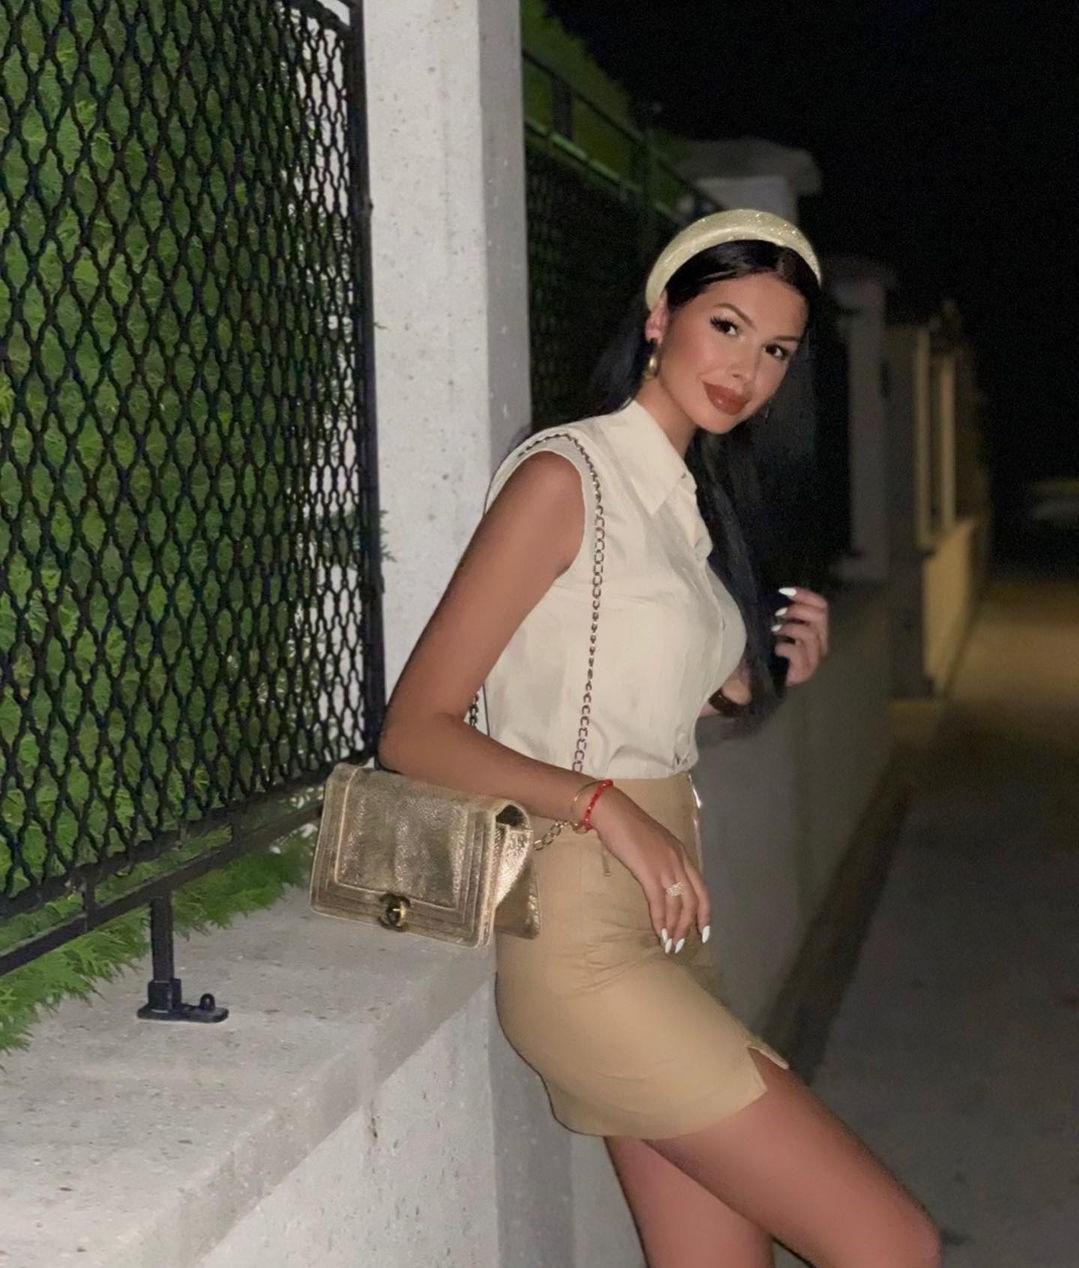 serbian pretty girl